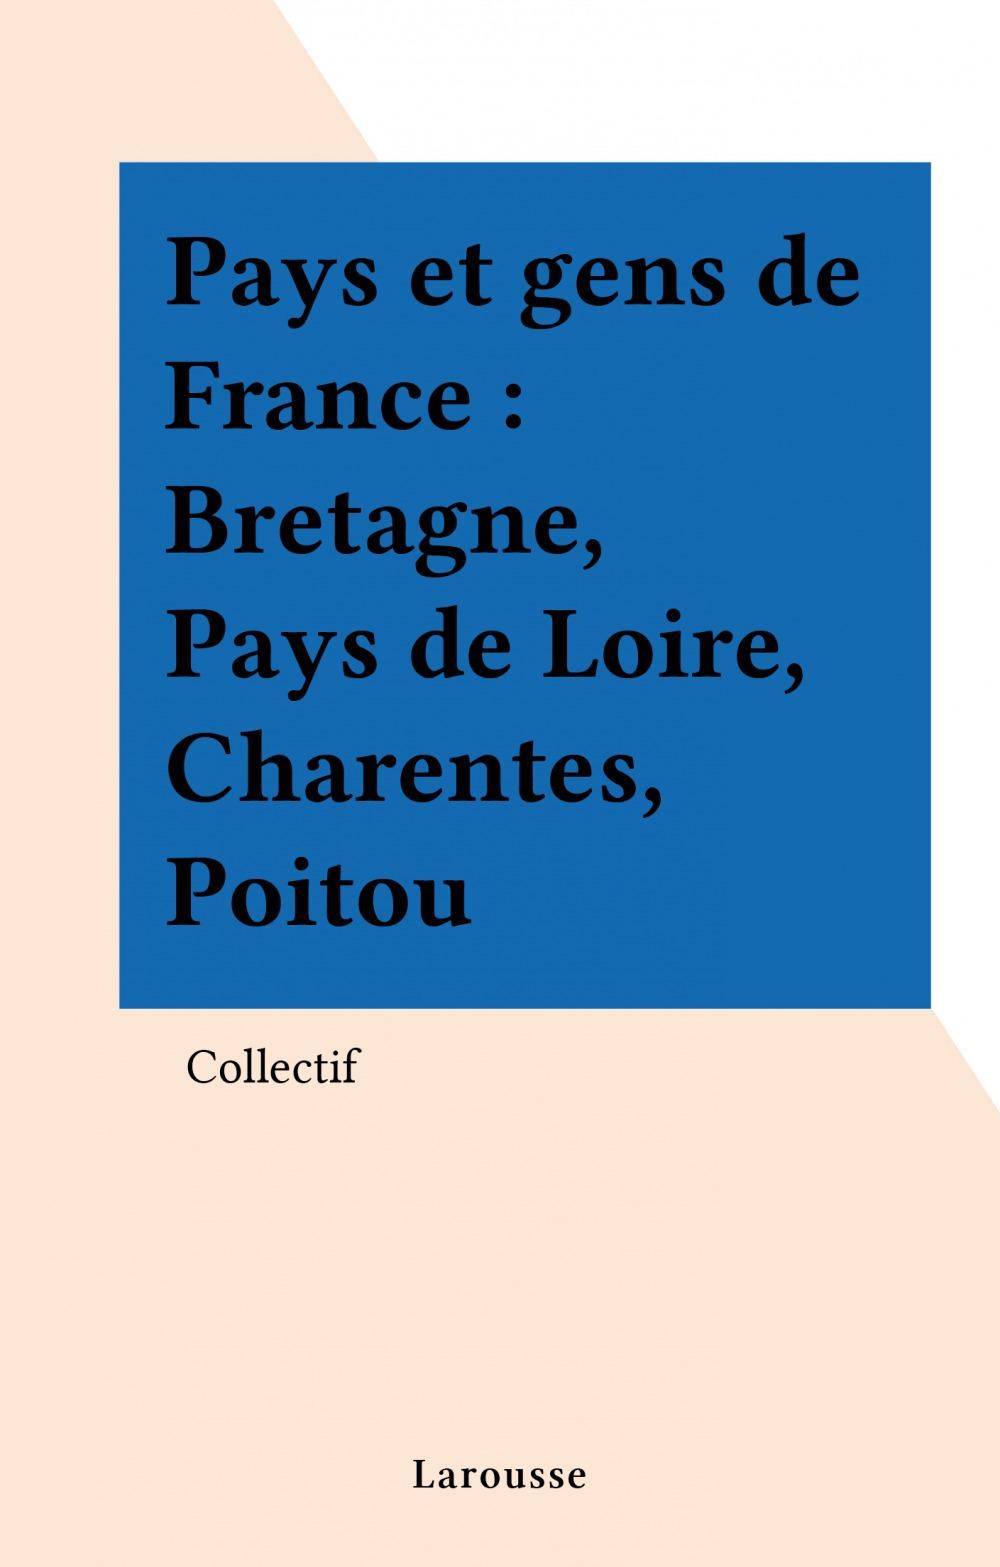 Pgf bret.p.loir.char.in4